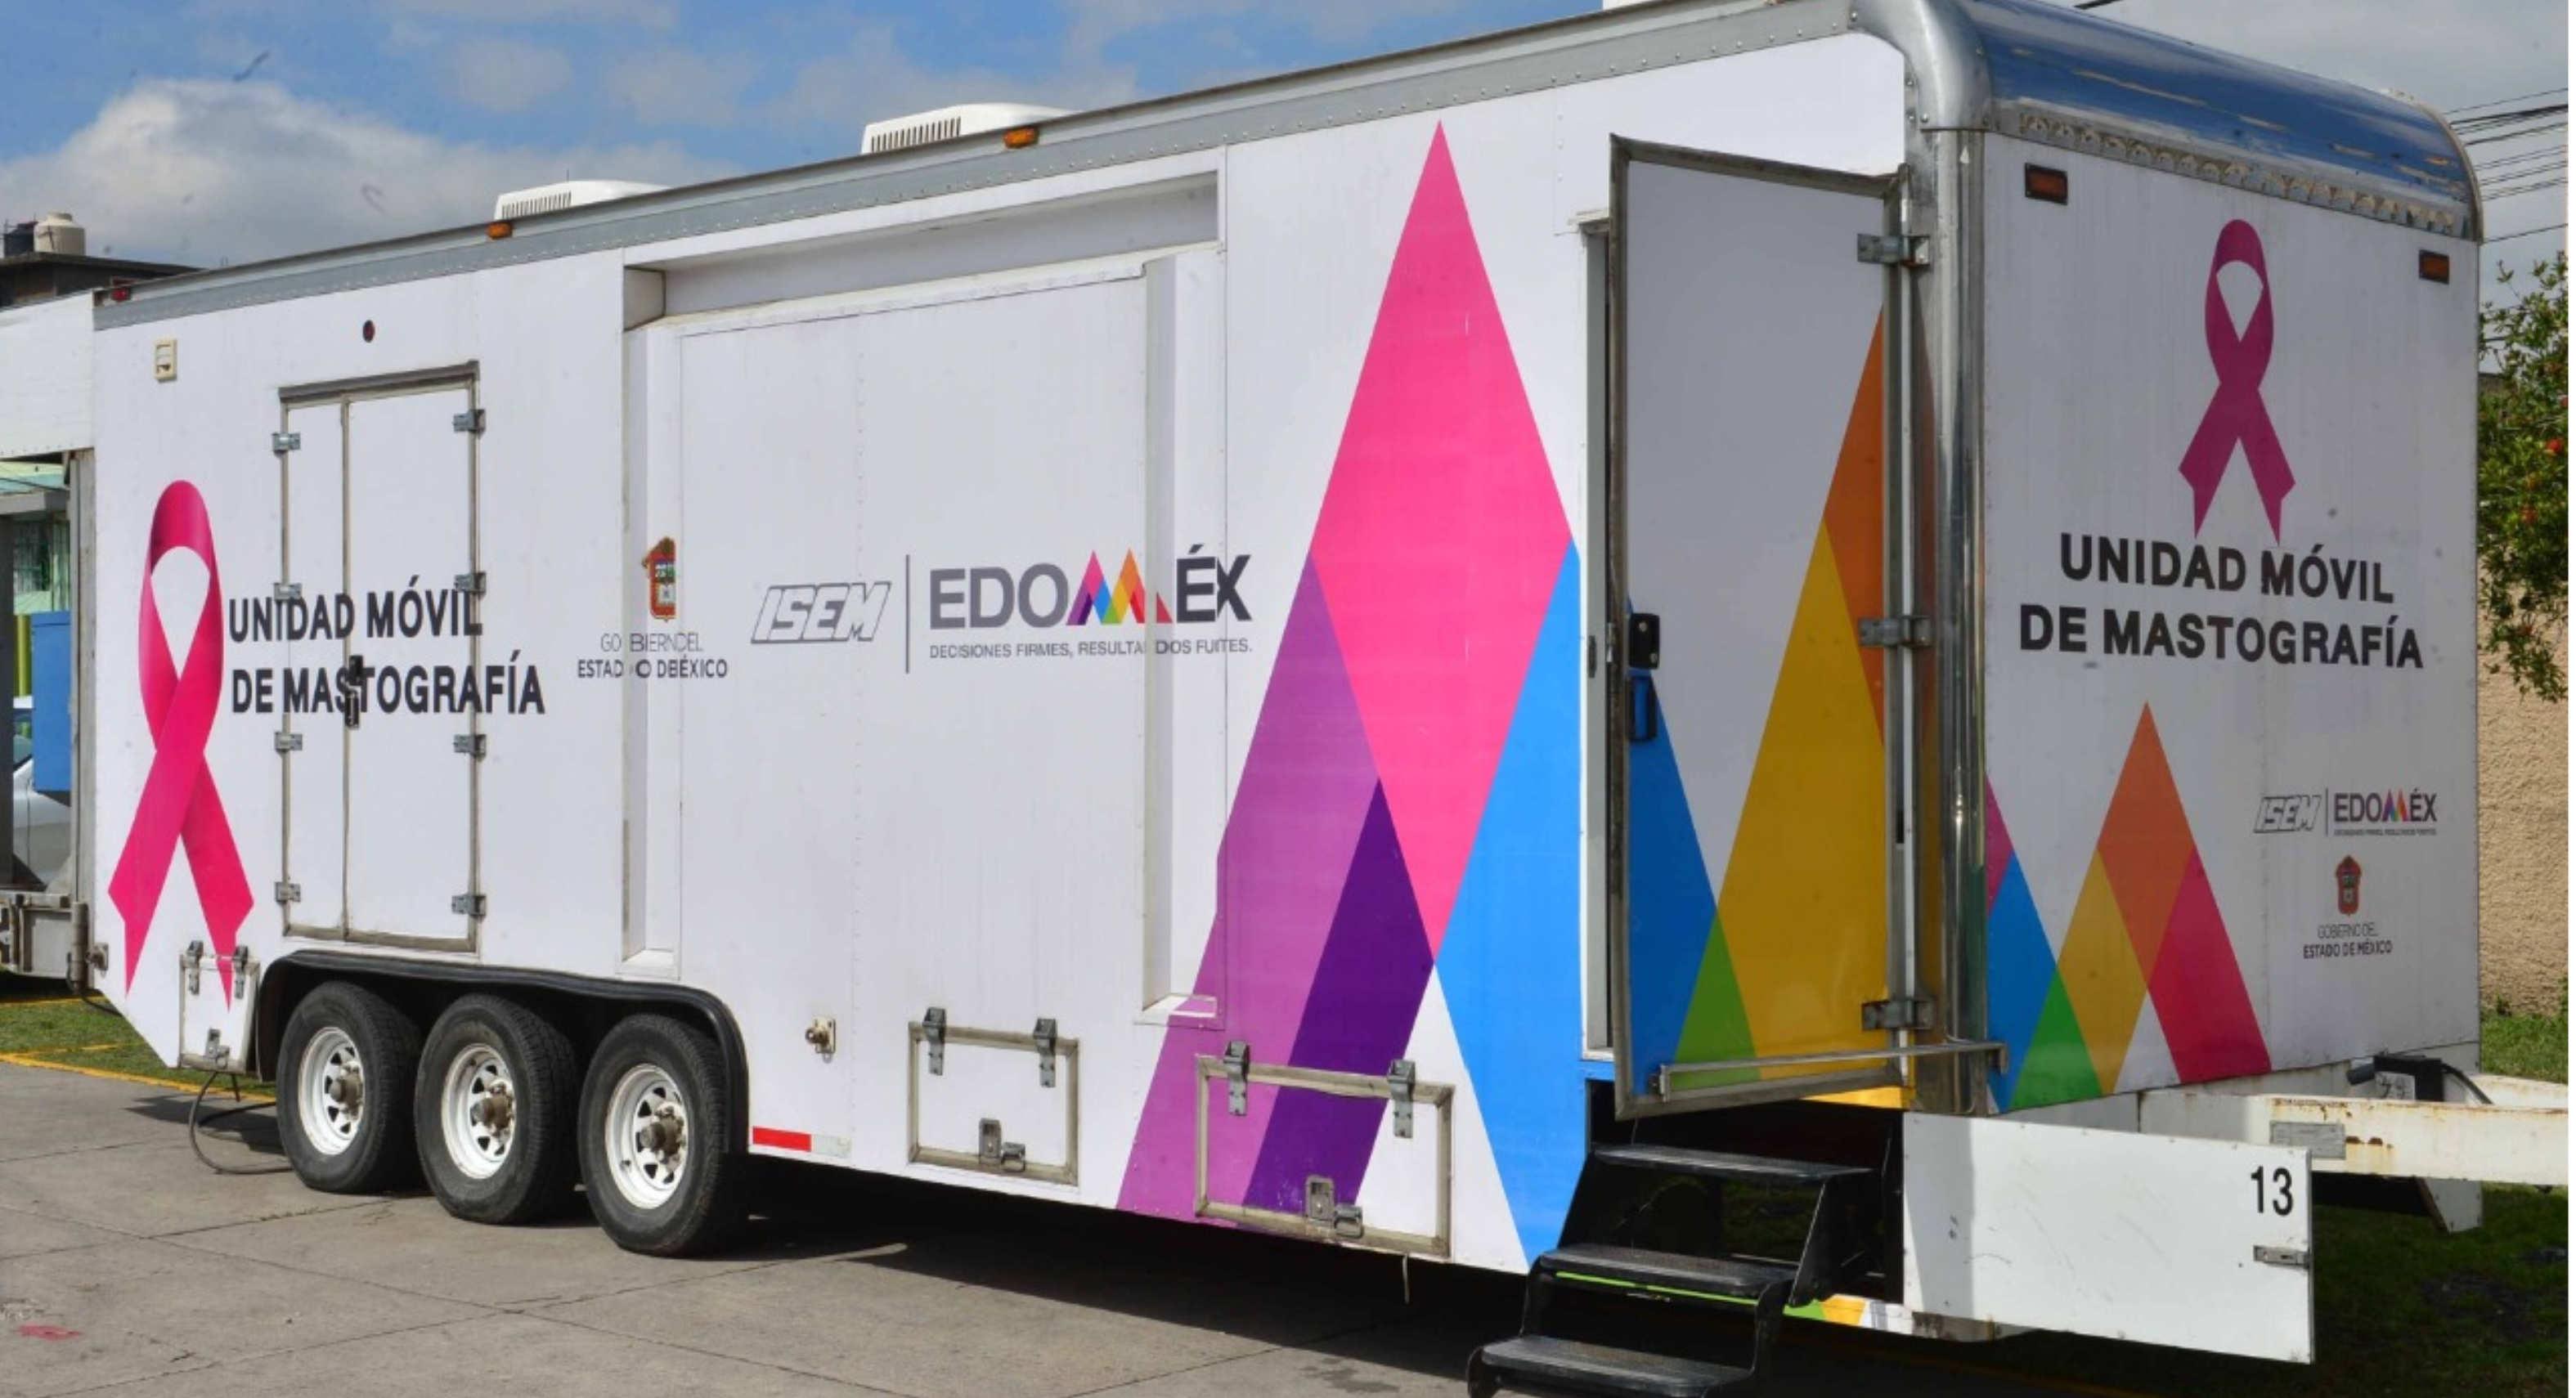 Unidades móviles de mastografía en Edomex